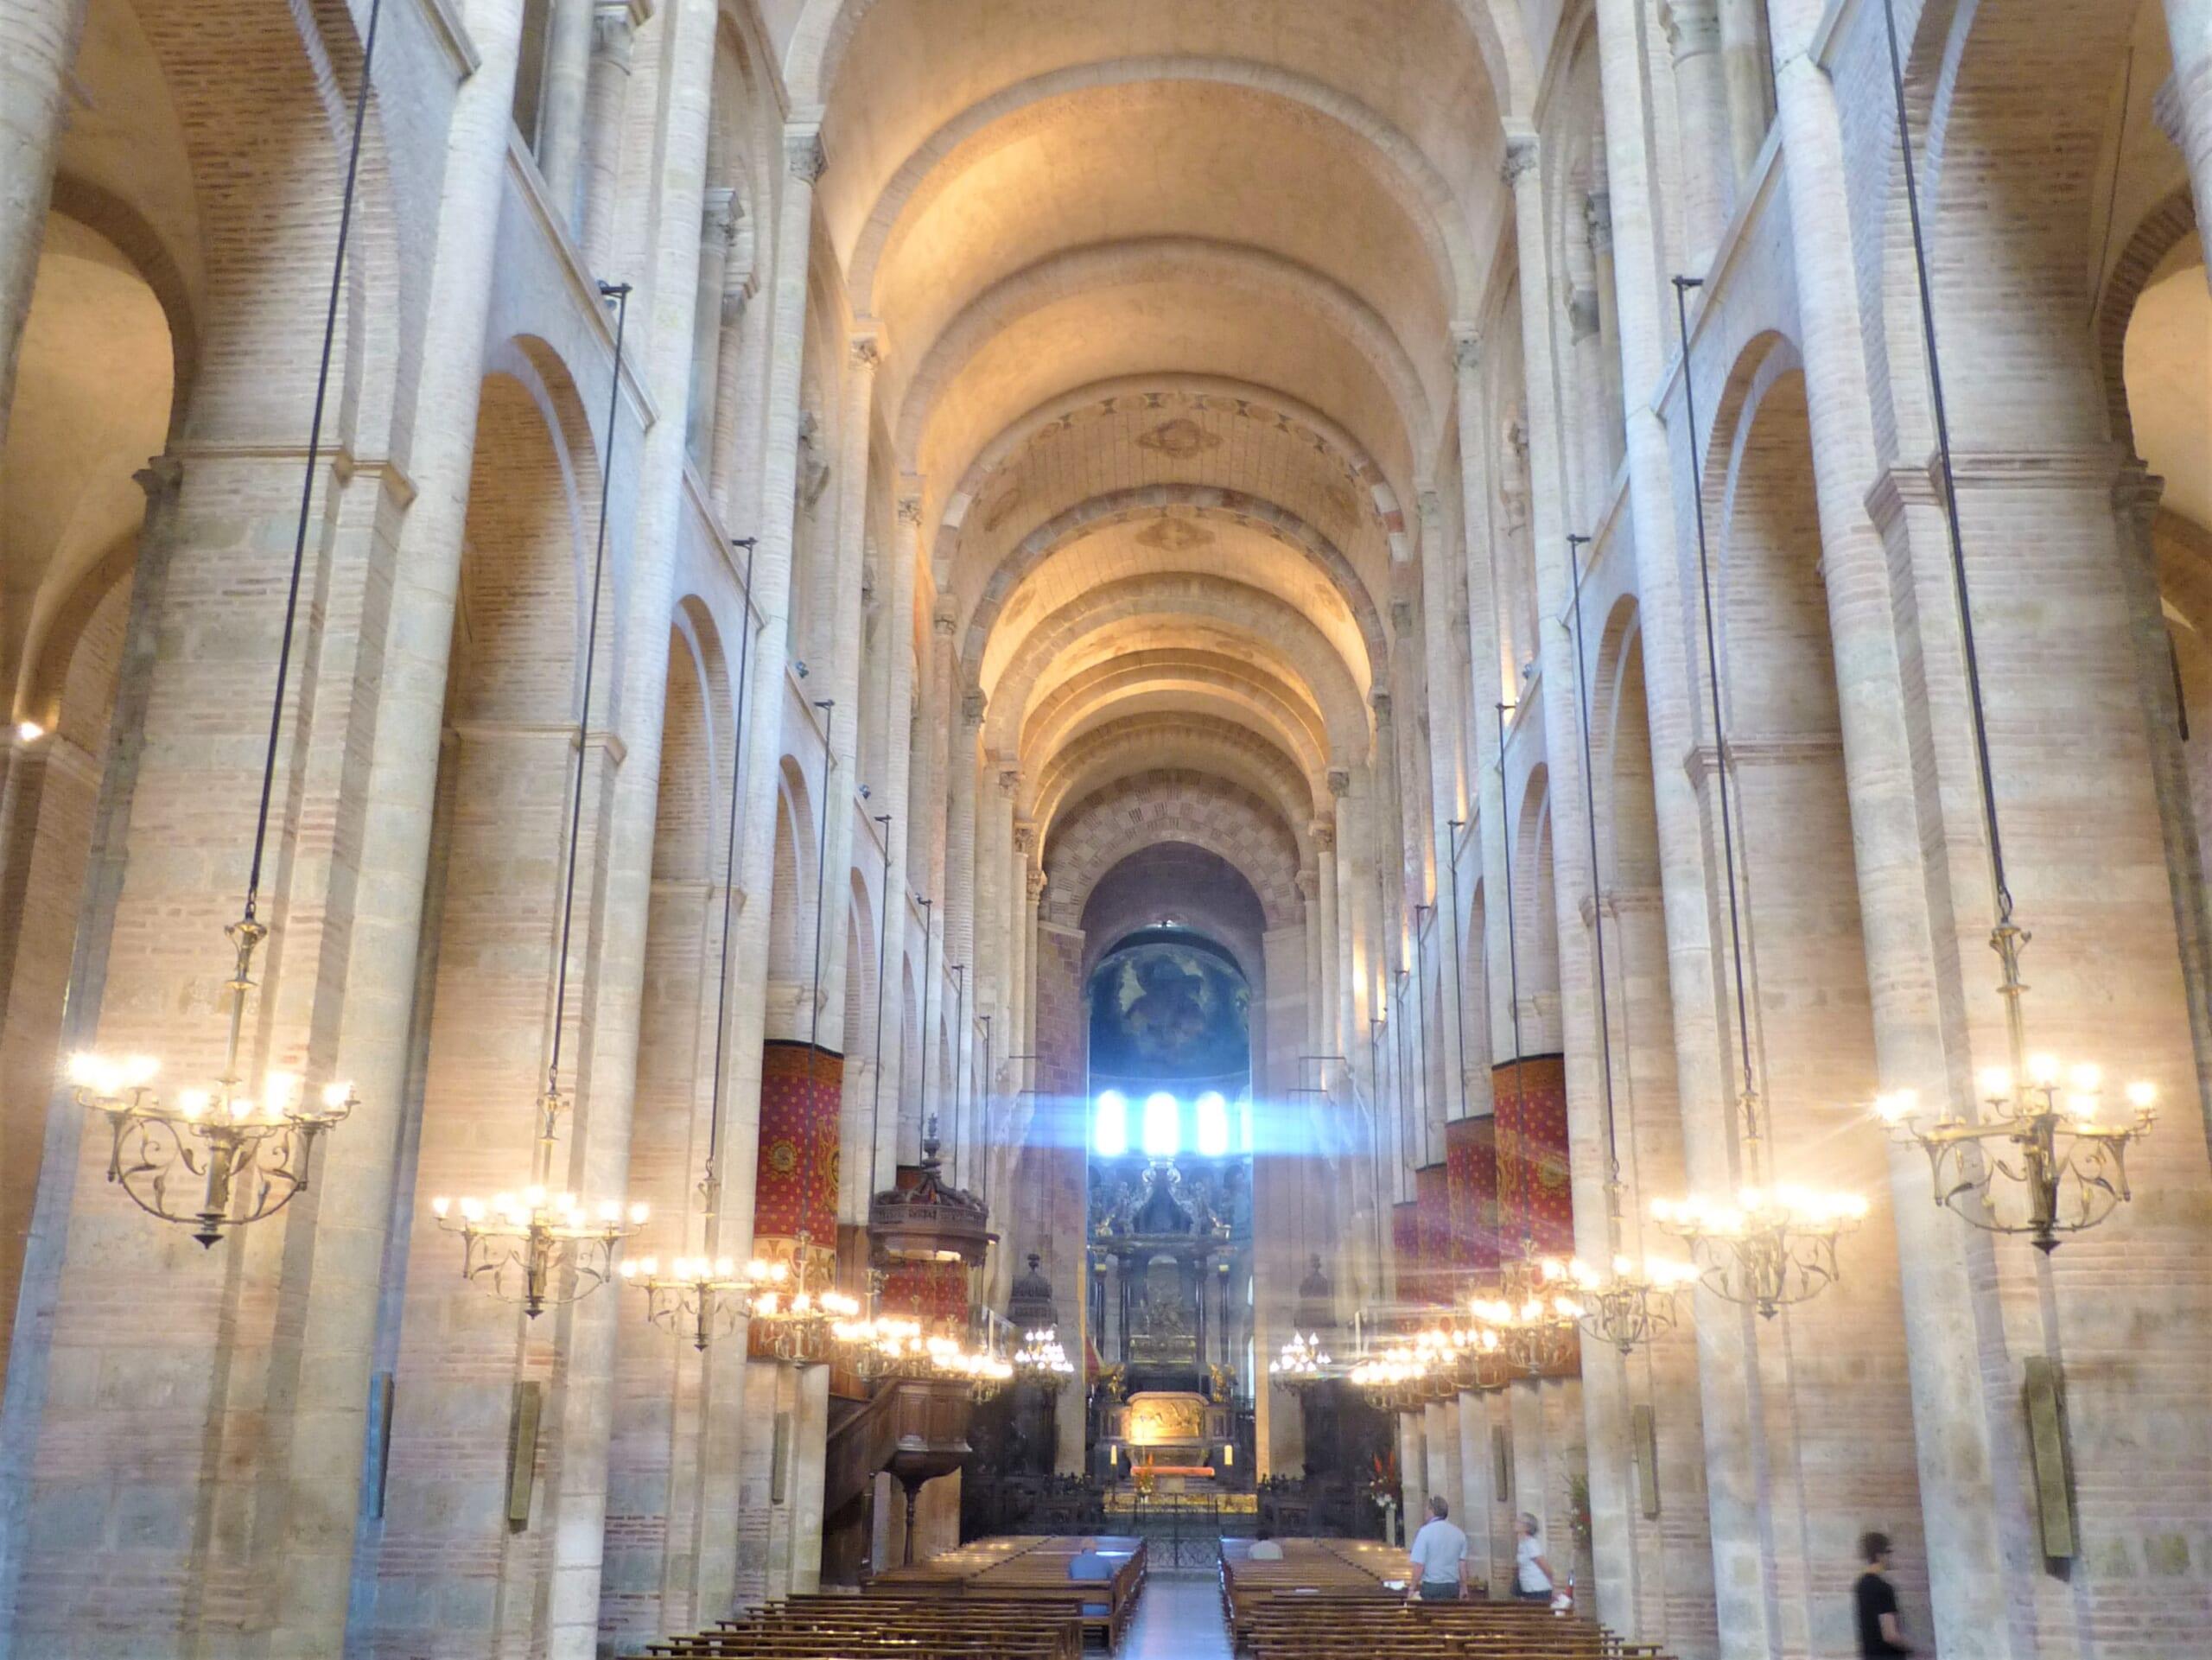 北スペインのサンティアゴ巡礼路へと続くトゥールーズのサン・セルナン大聖堂